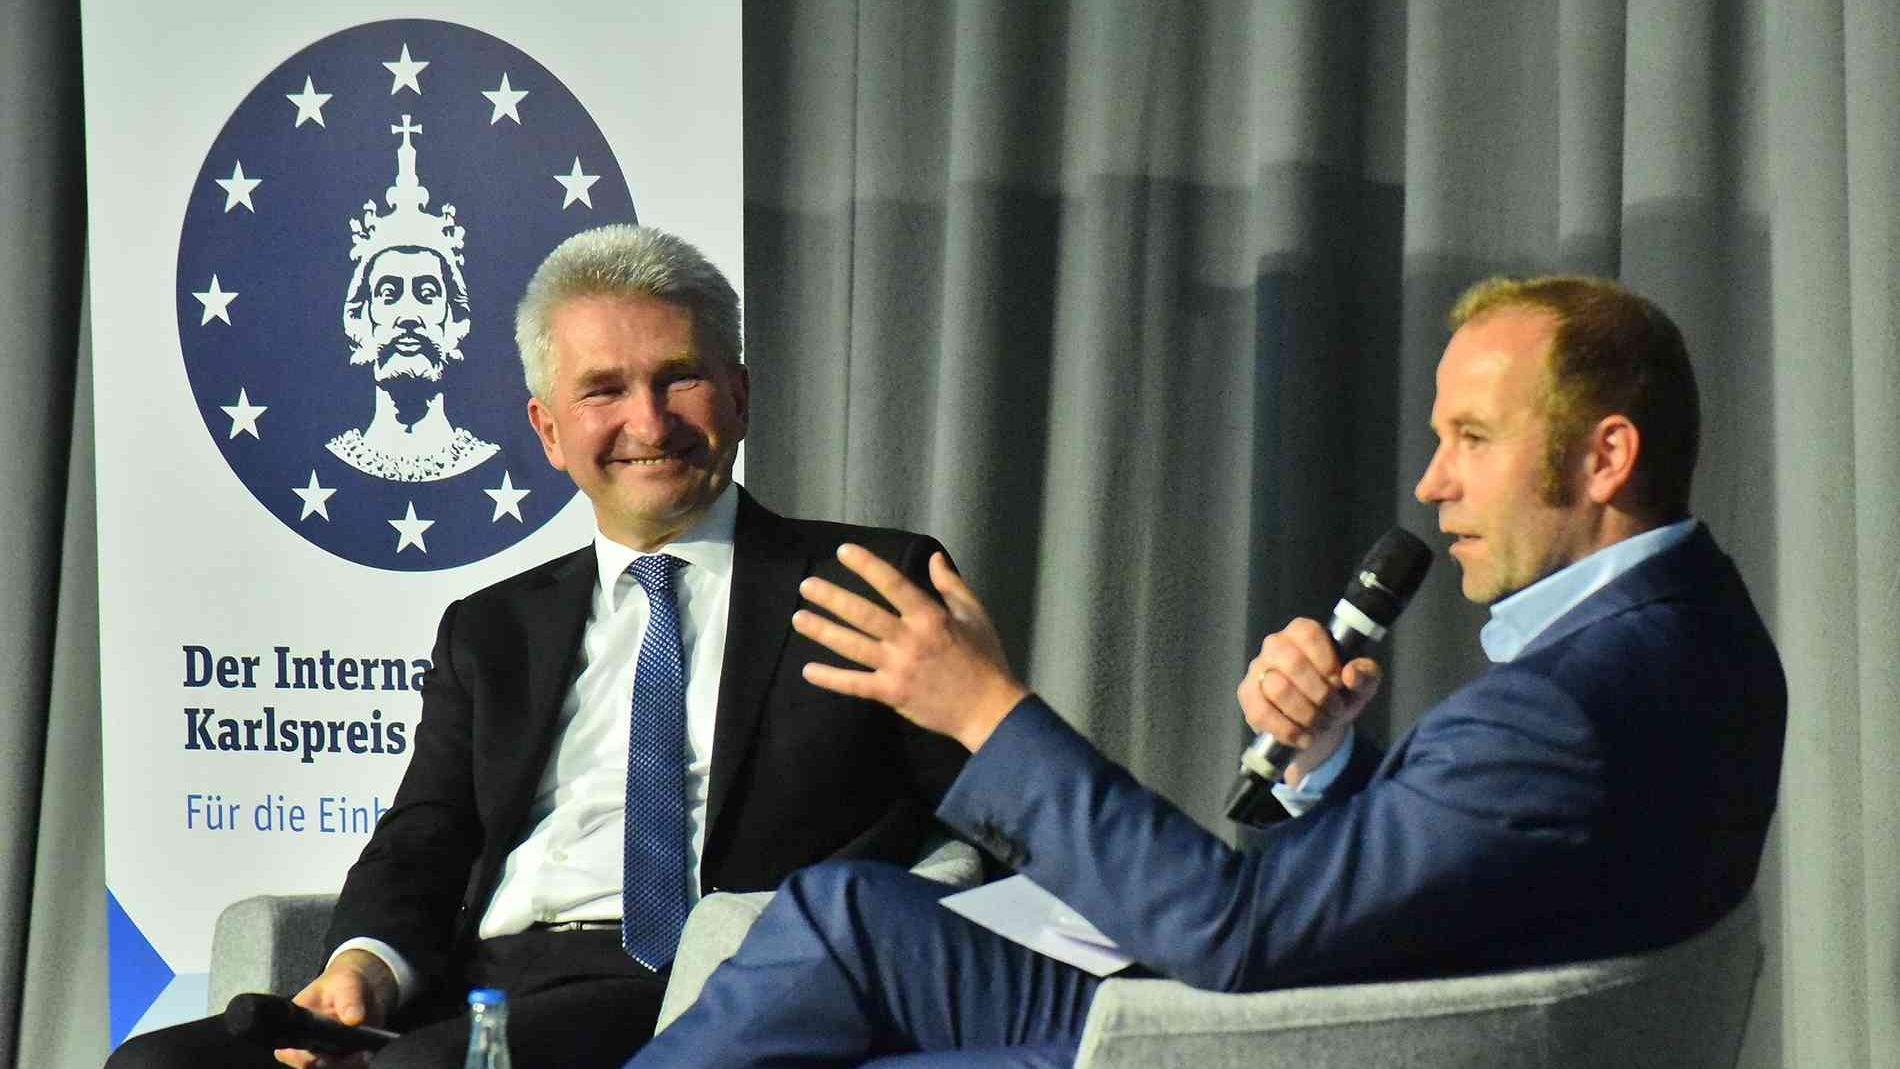 Karlspreis-Forum: Spitzenpolitiker stellen ihre Visionen für die Zukunft der EU vor